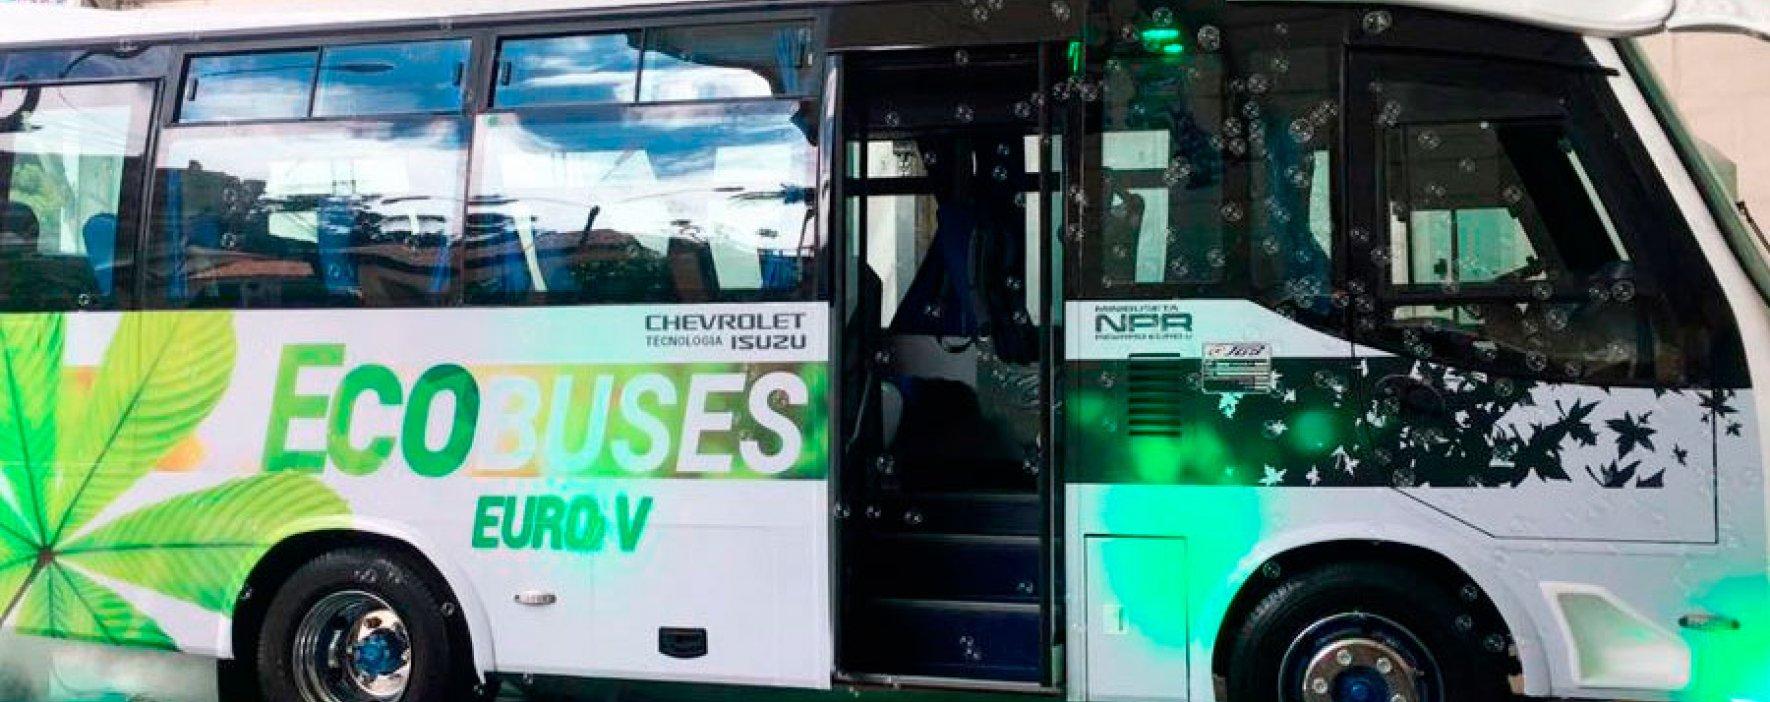 Chevrolet lanza Bus amigable con el medioambiente